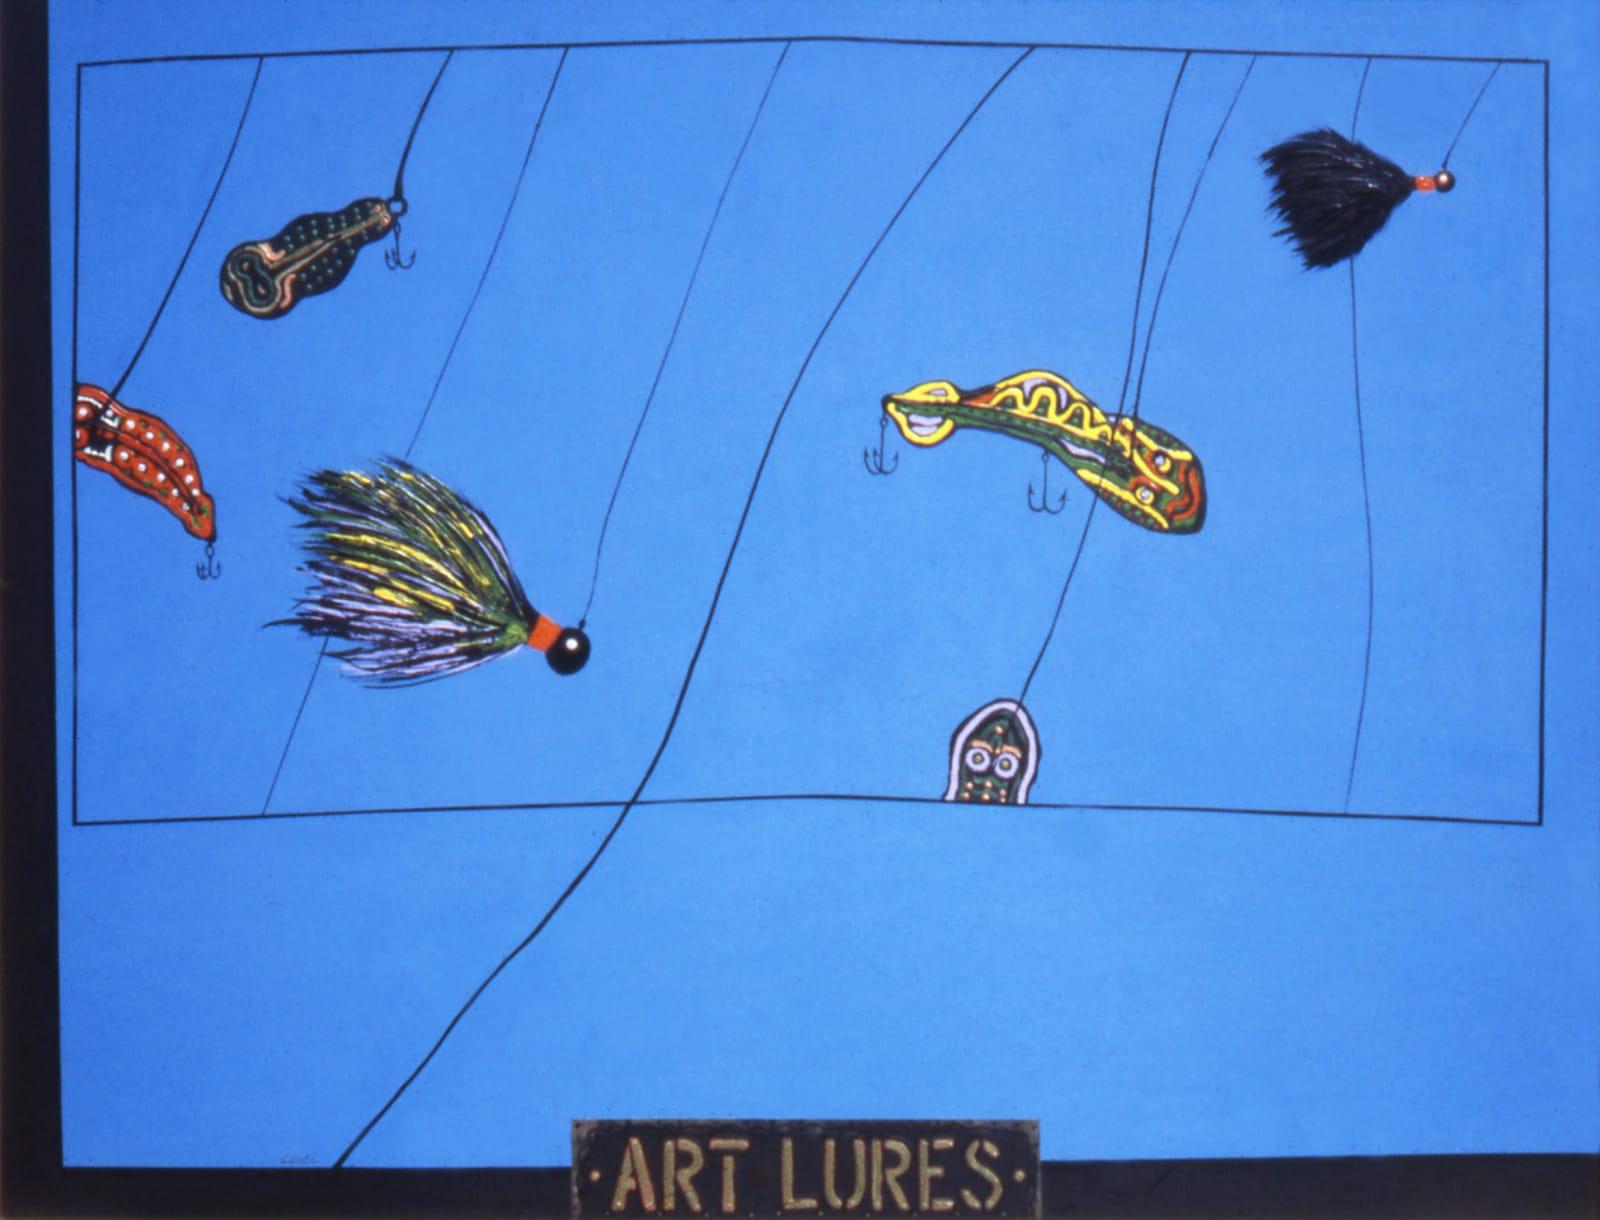 Mel Casas Humanscape 94: Art Lures, 1978-01-01